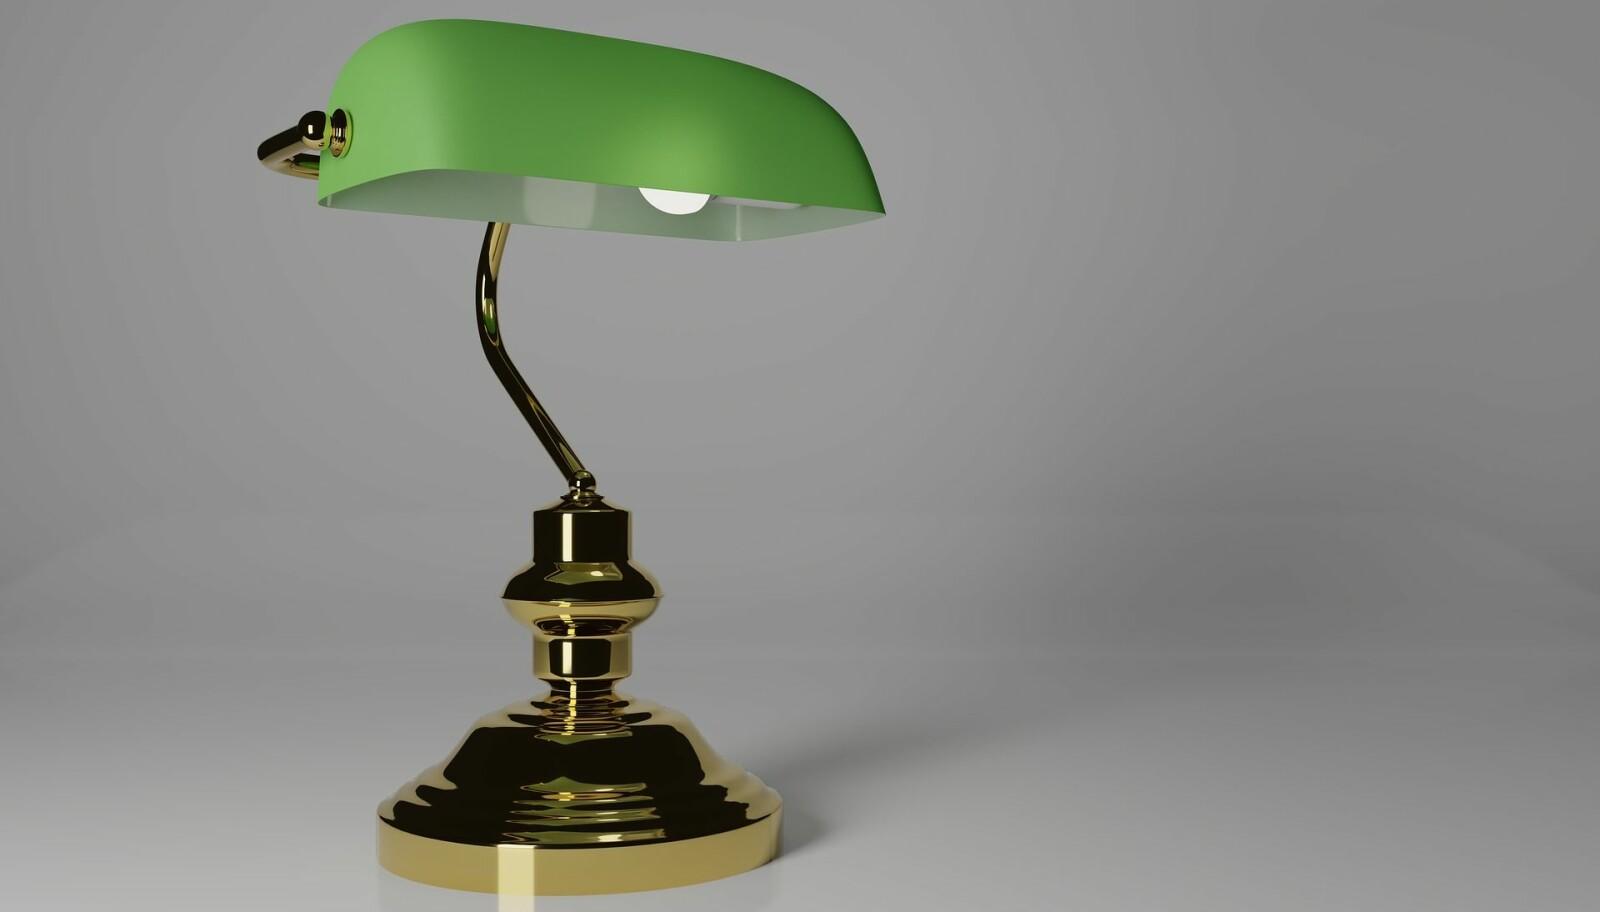 Grønn lampe. IKKE BRUK IGJEN.